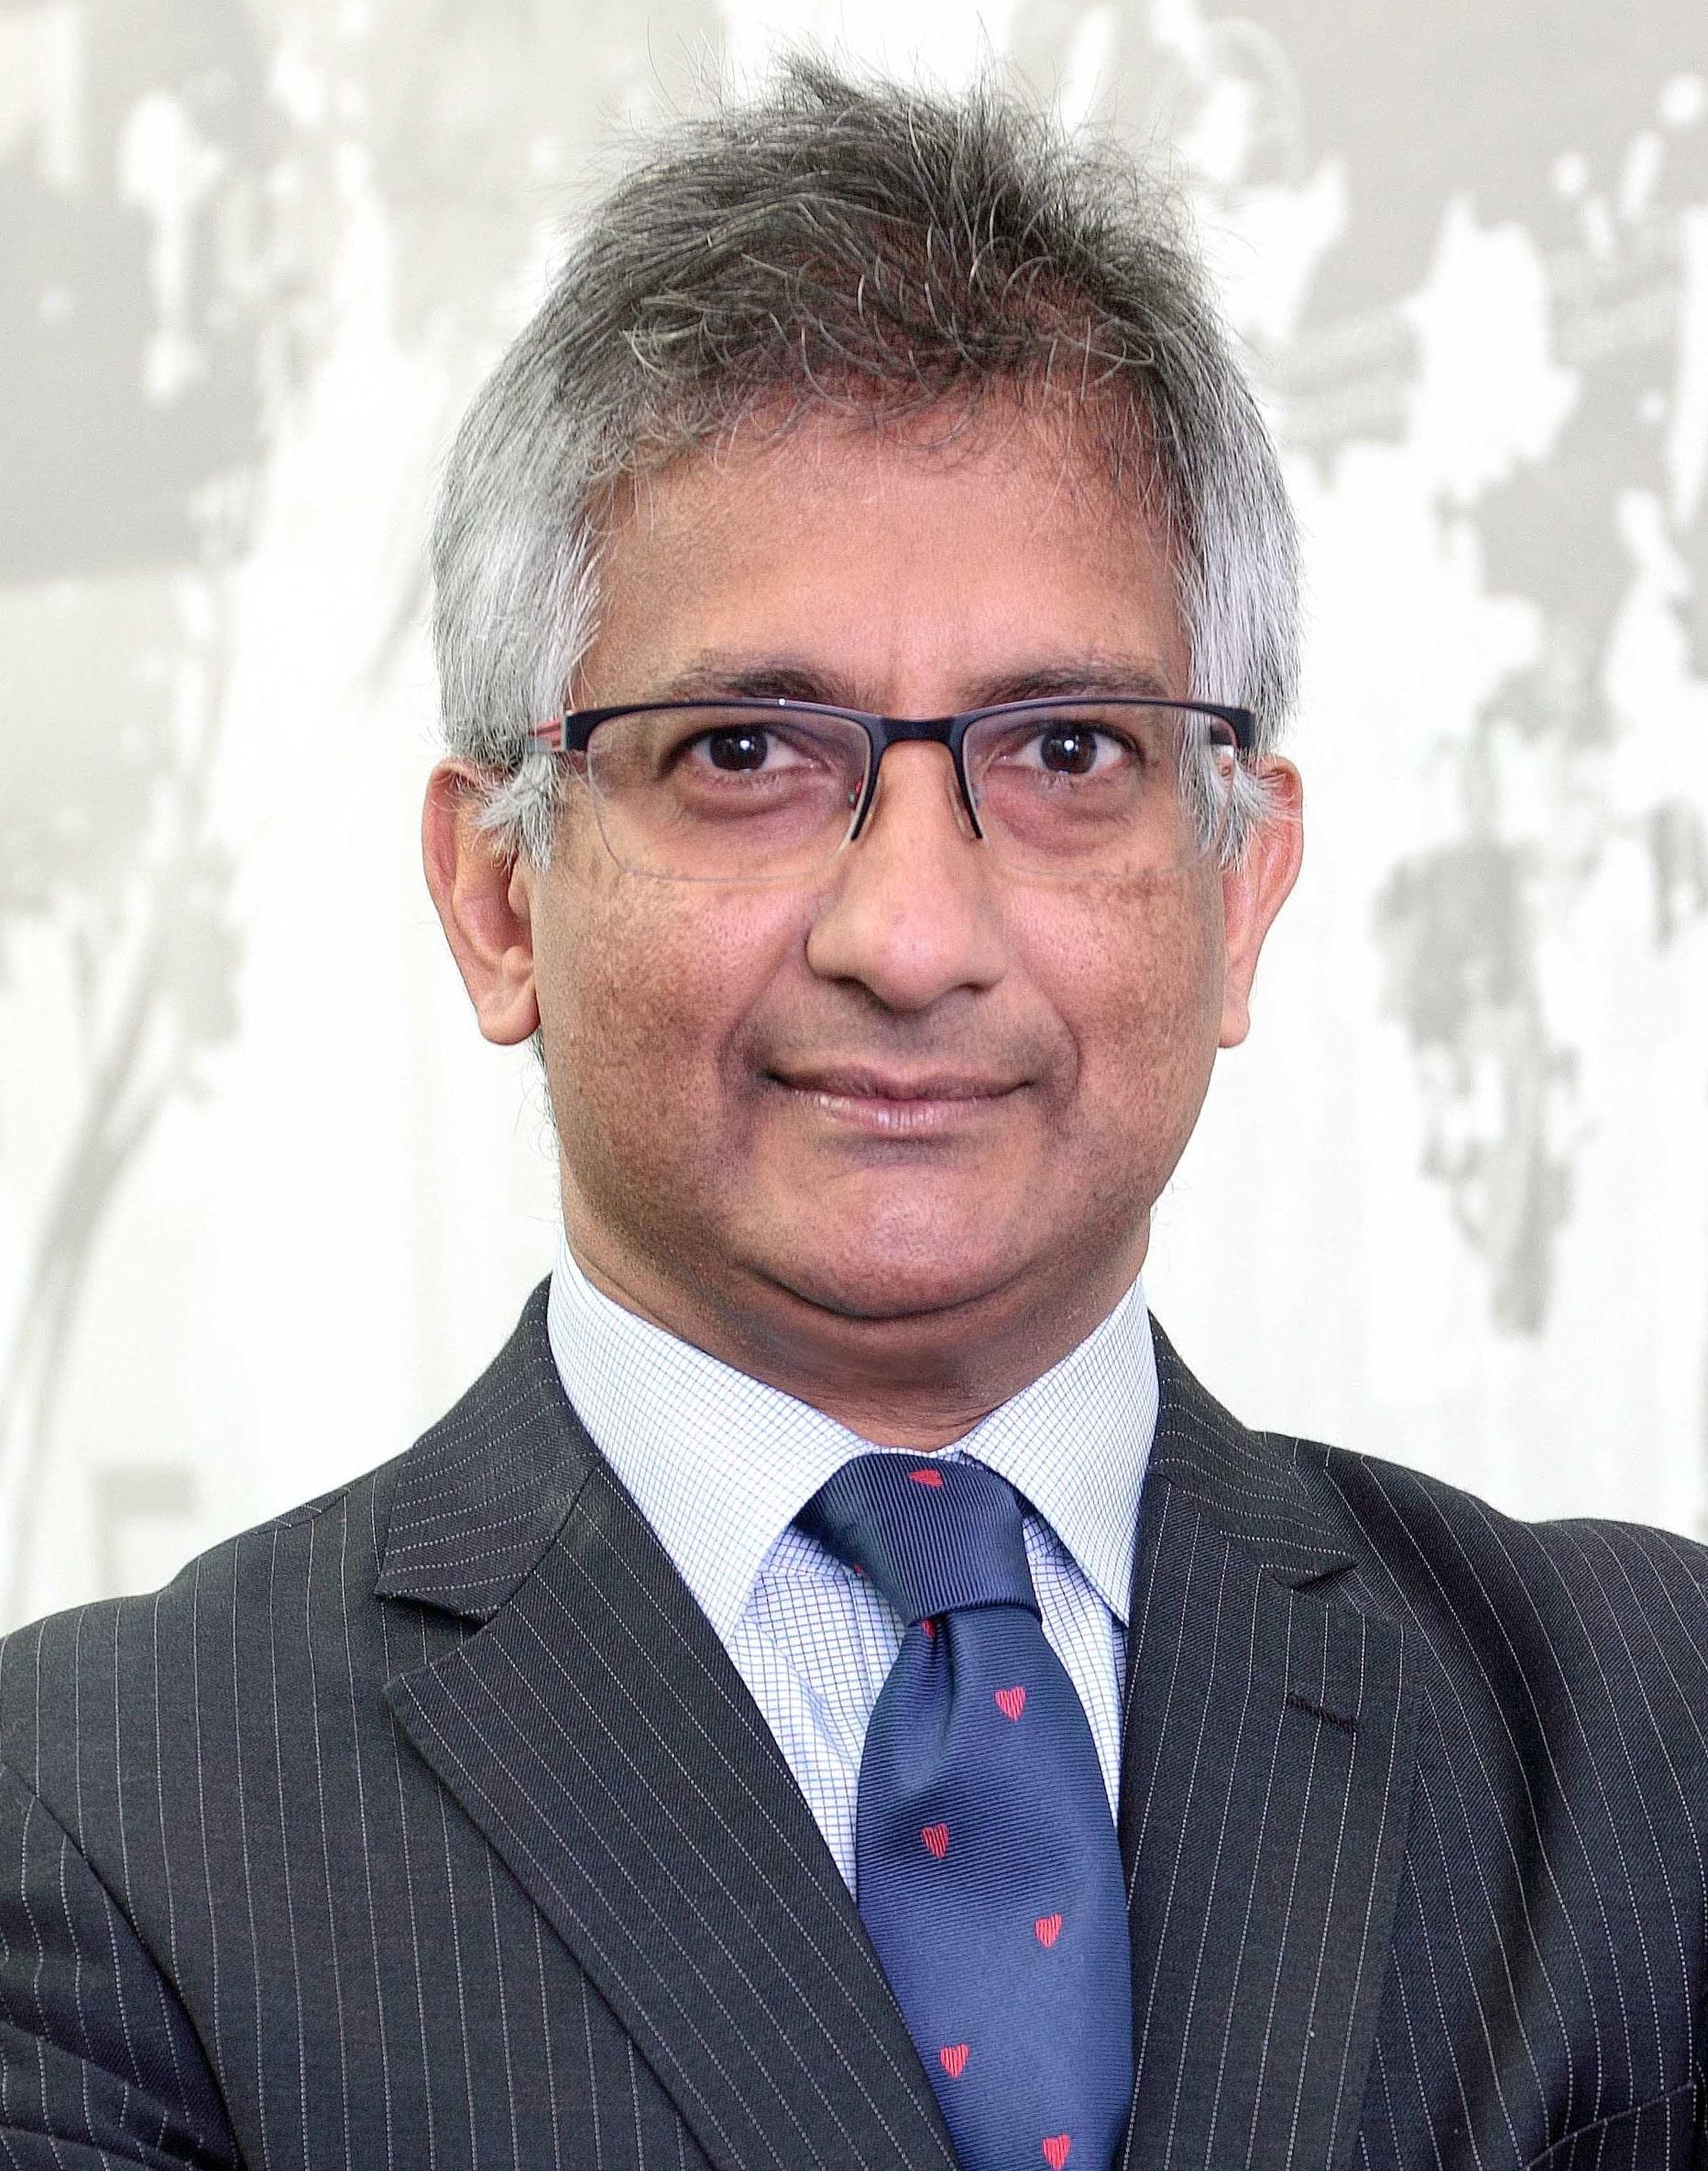 Dr Viswanathan Venkatachalam